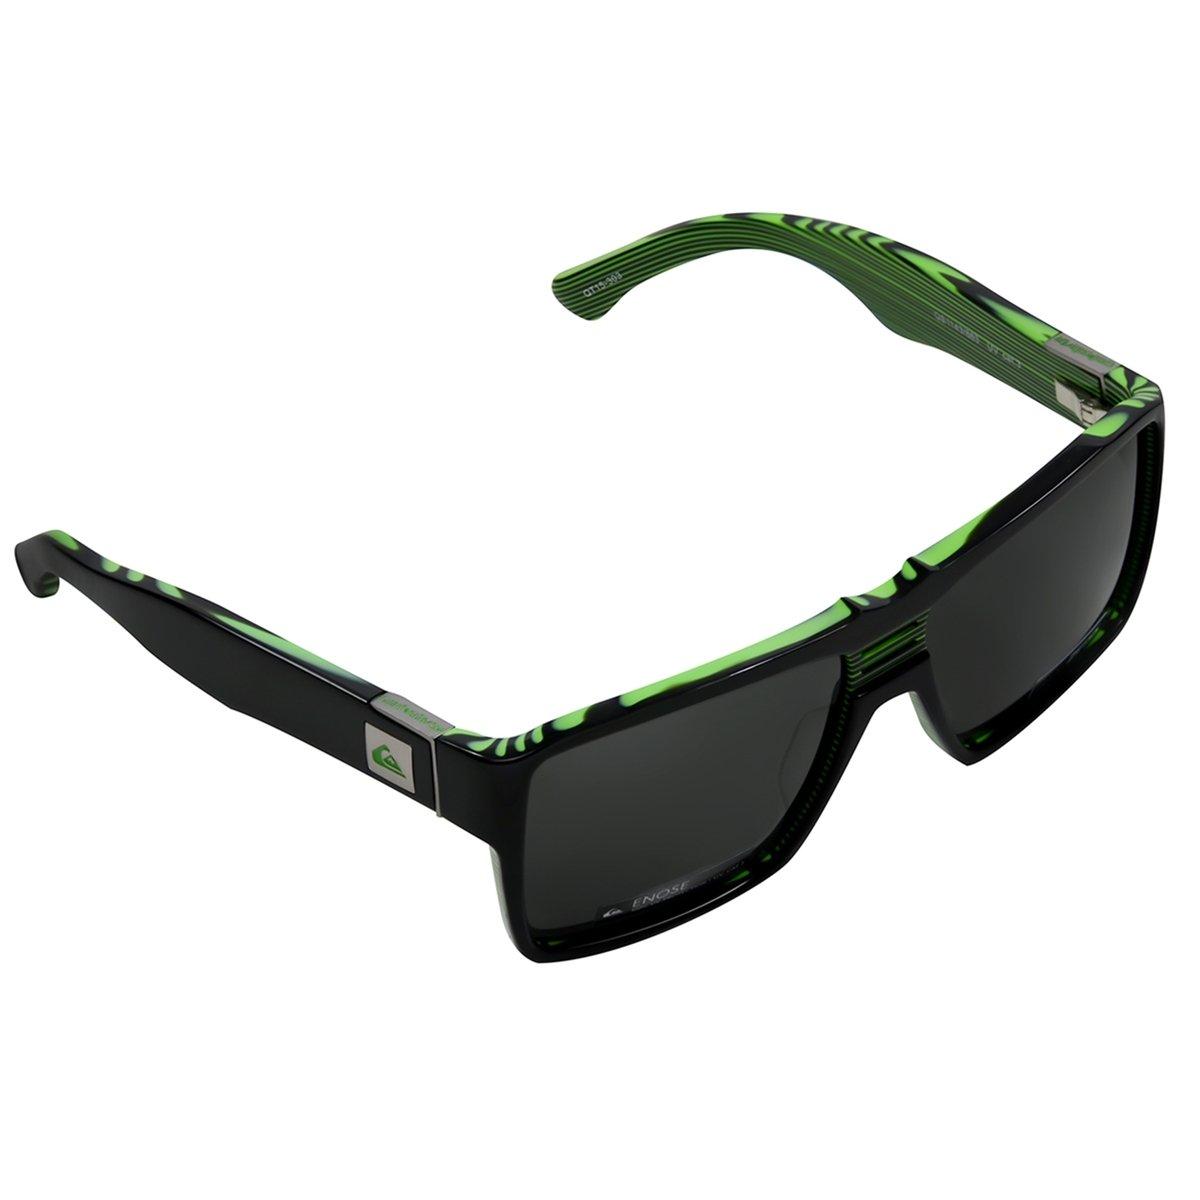 17c42aef2996f Óculos Quiksilver Enose Camo - Preto - Compre Agora